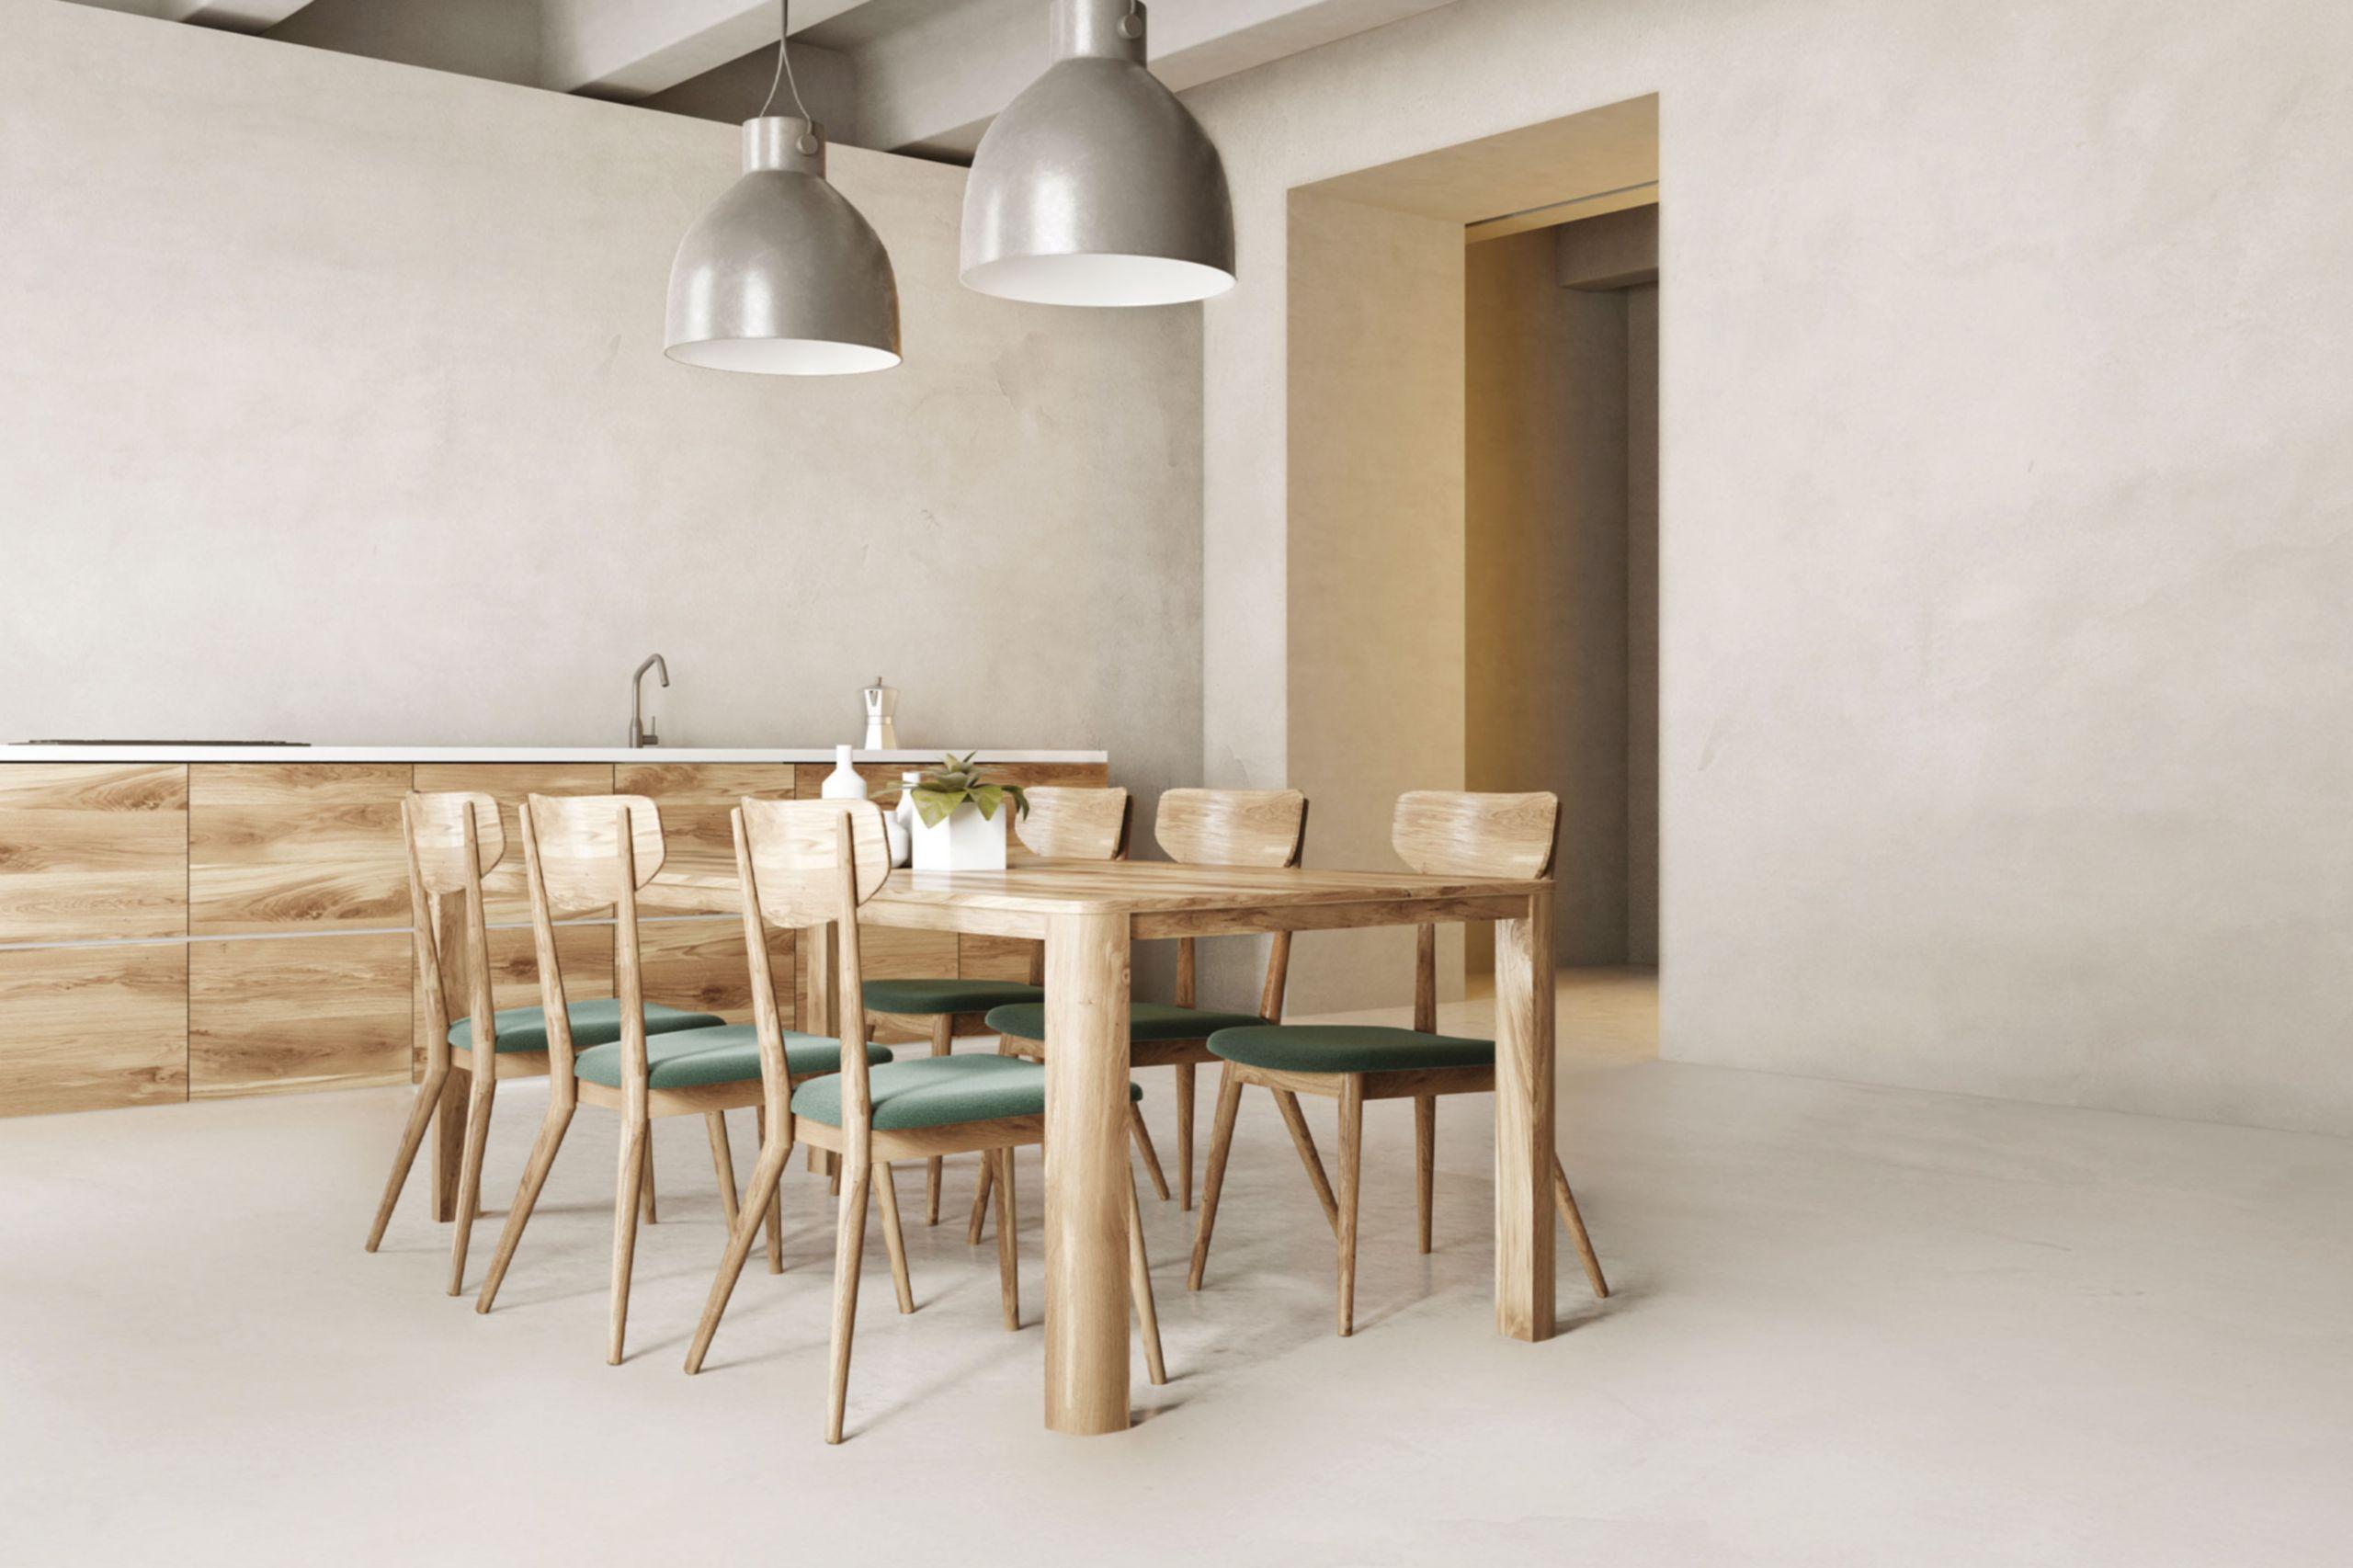 Pareti e pavimenti sala da pranzo in microcemento